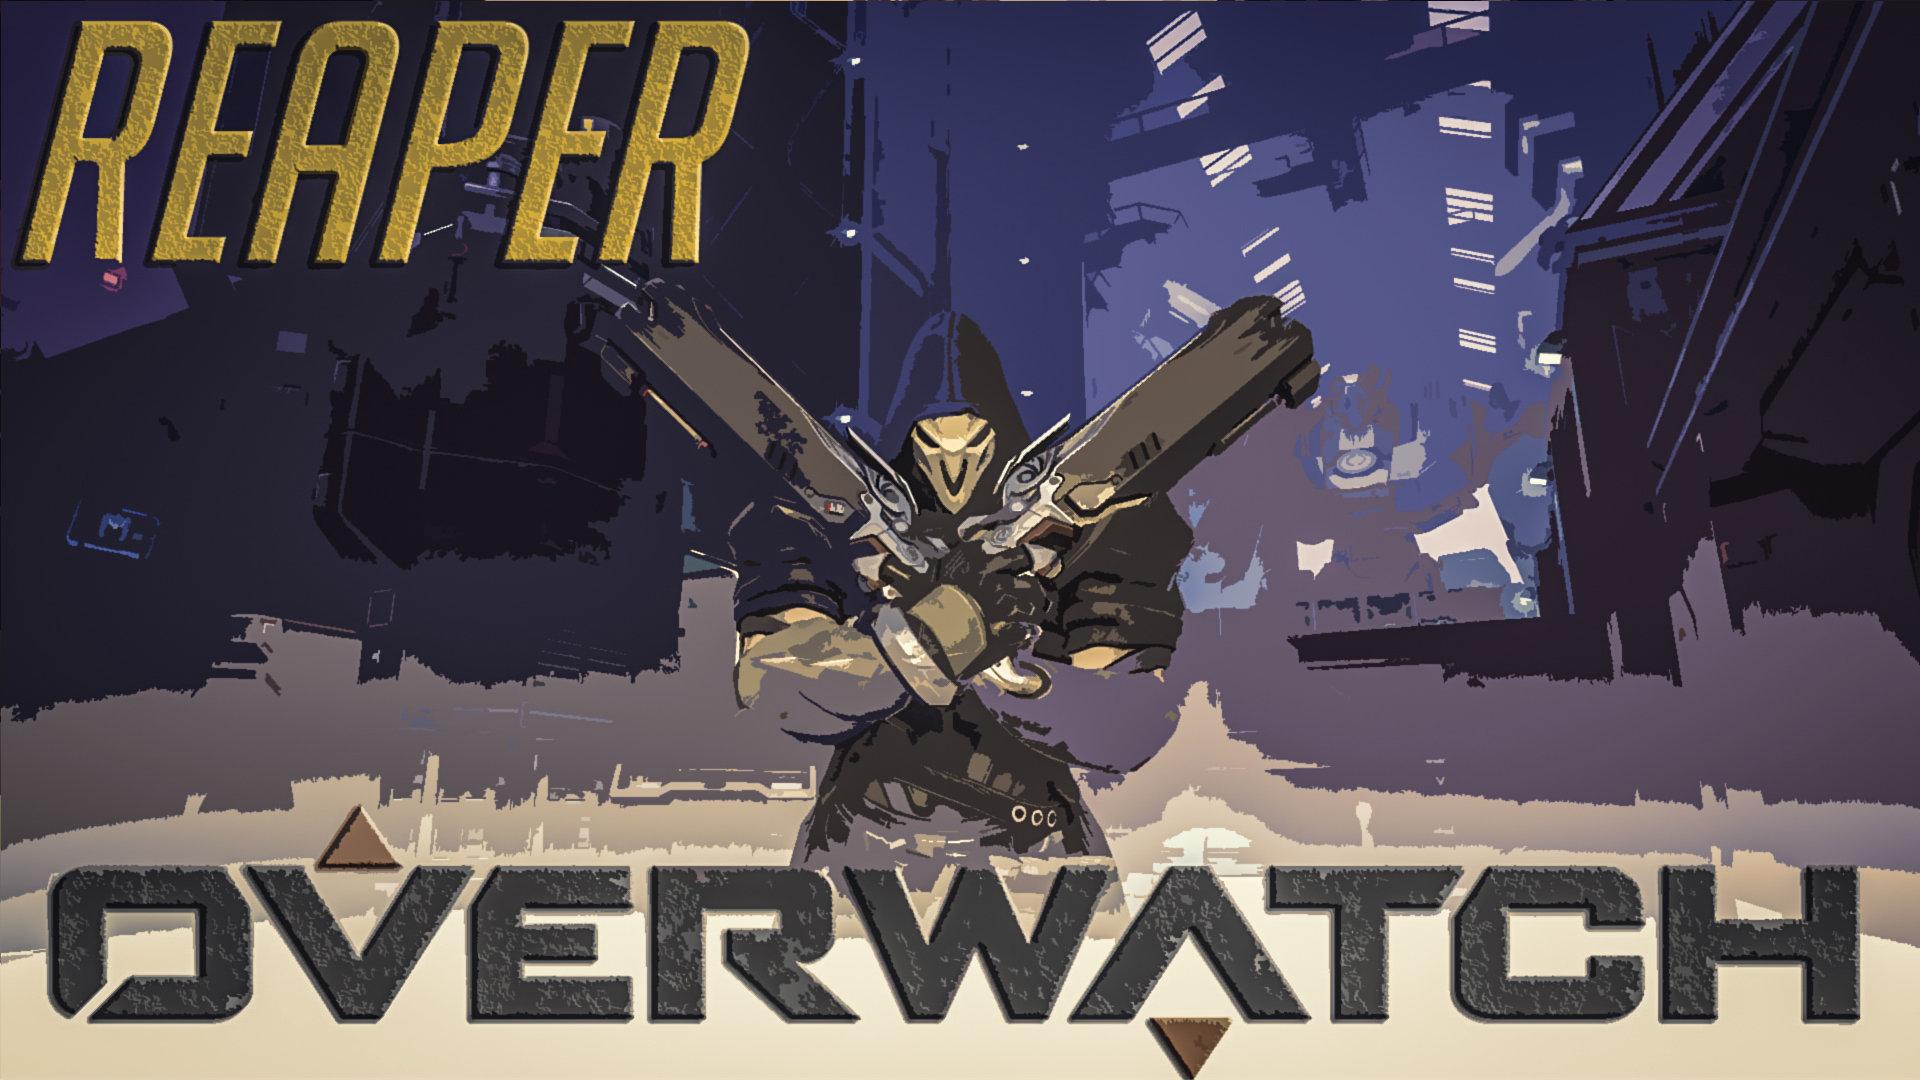 Reaper Overwatch Wallpapers Hd For Desktop Backgrounds